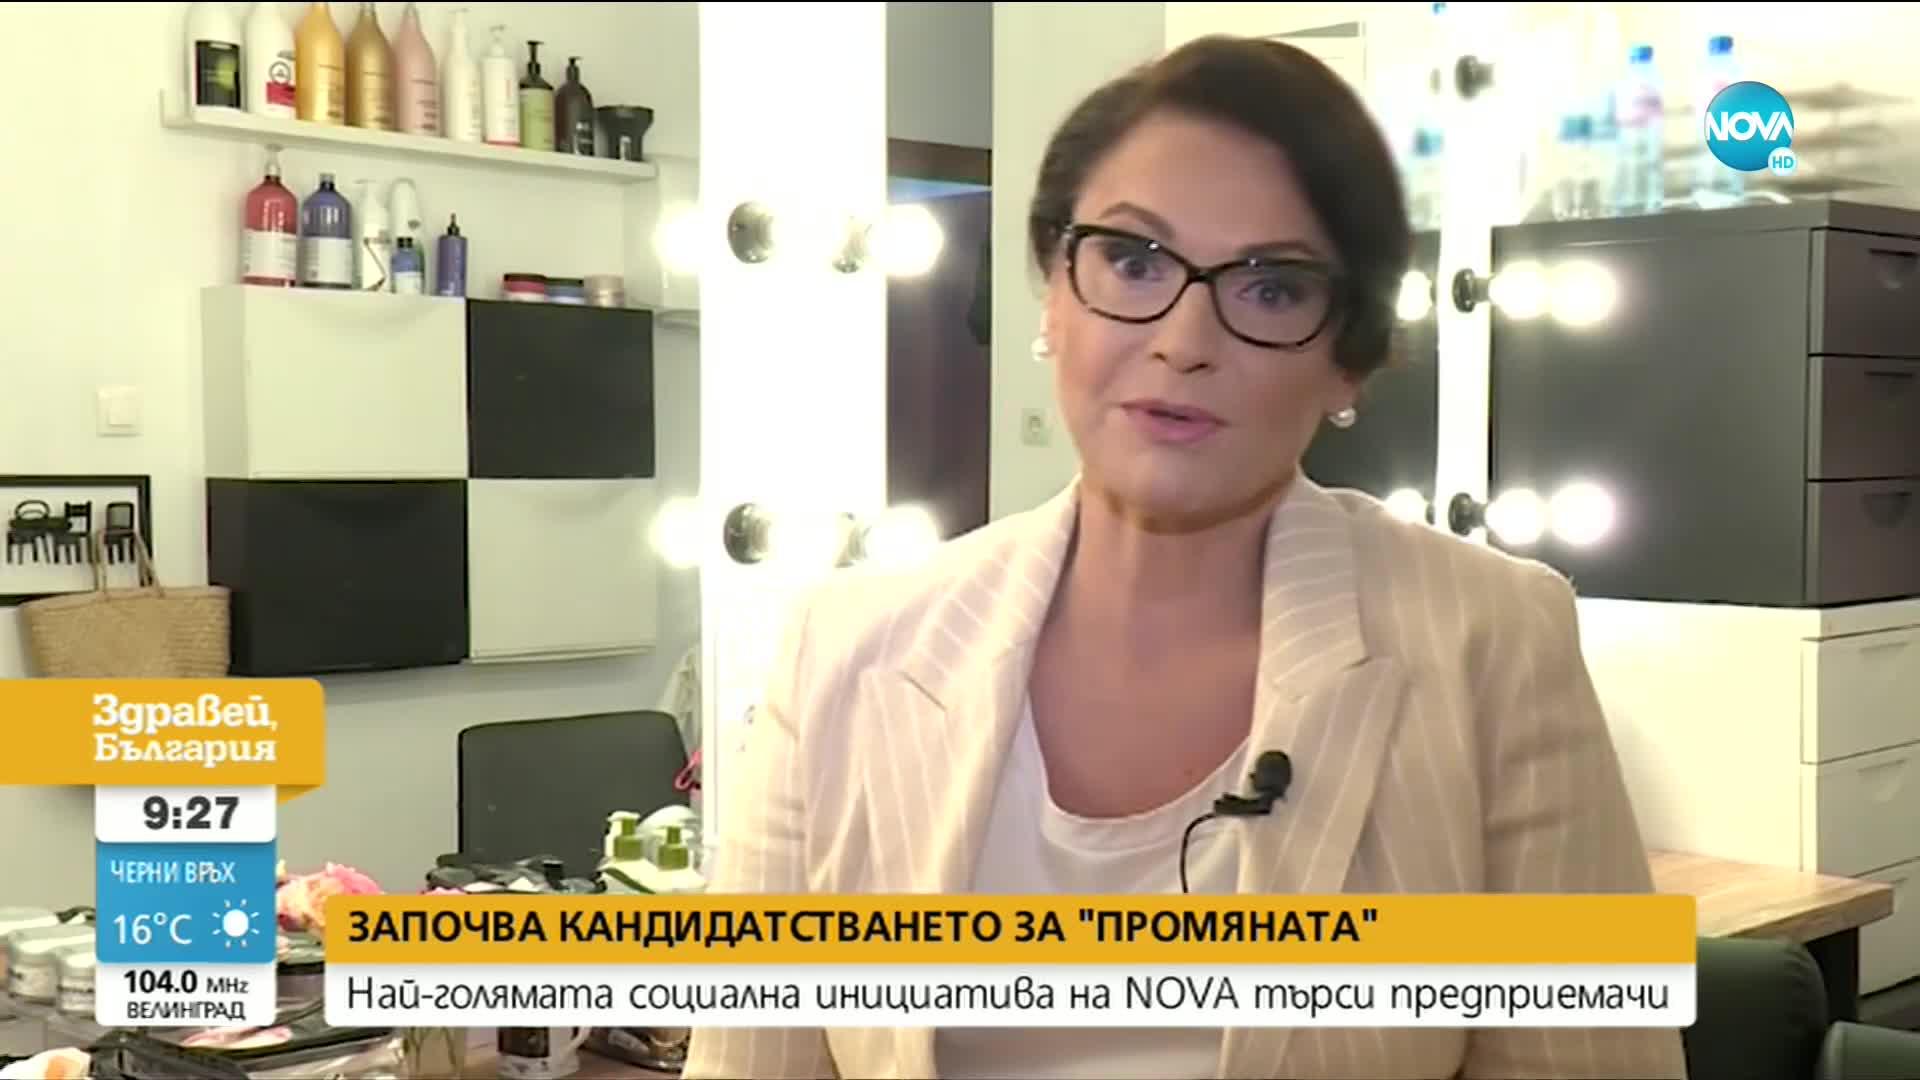 """Започва кандидатстването за най-голямата социална инициатива на NOVA """"Промяната"""""""